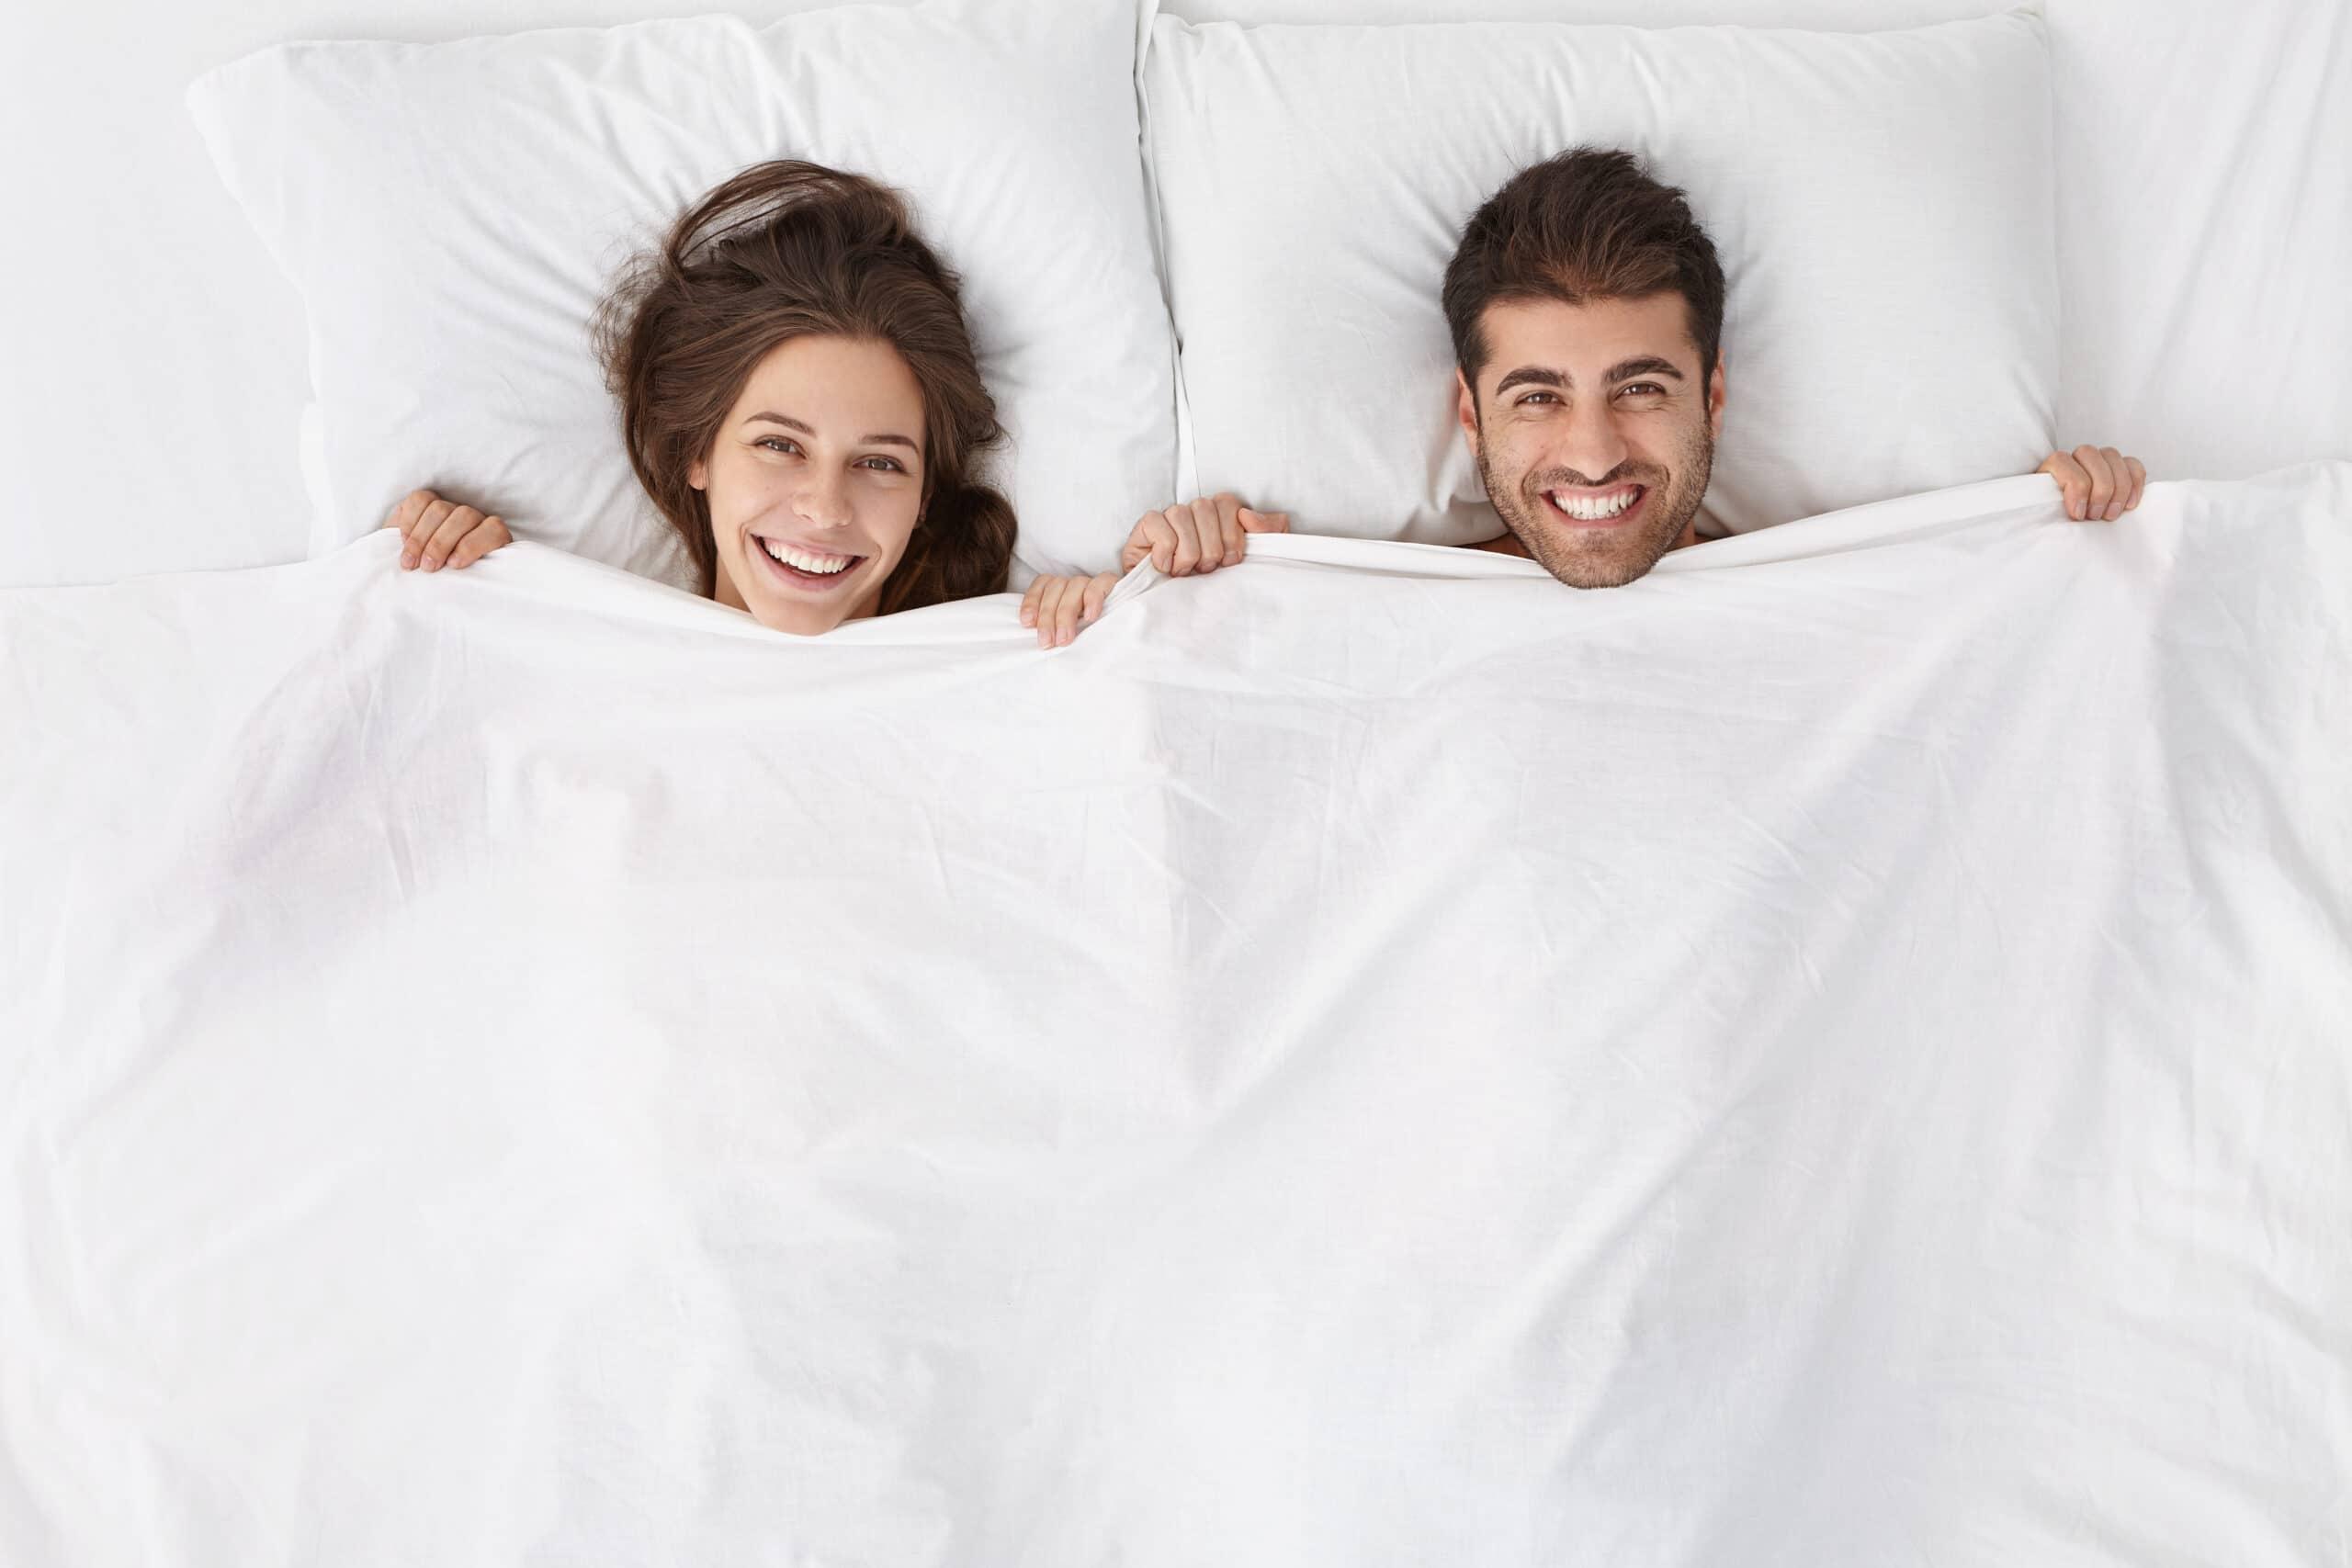 Regulārs miega cikls labas veselības pamats